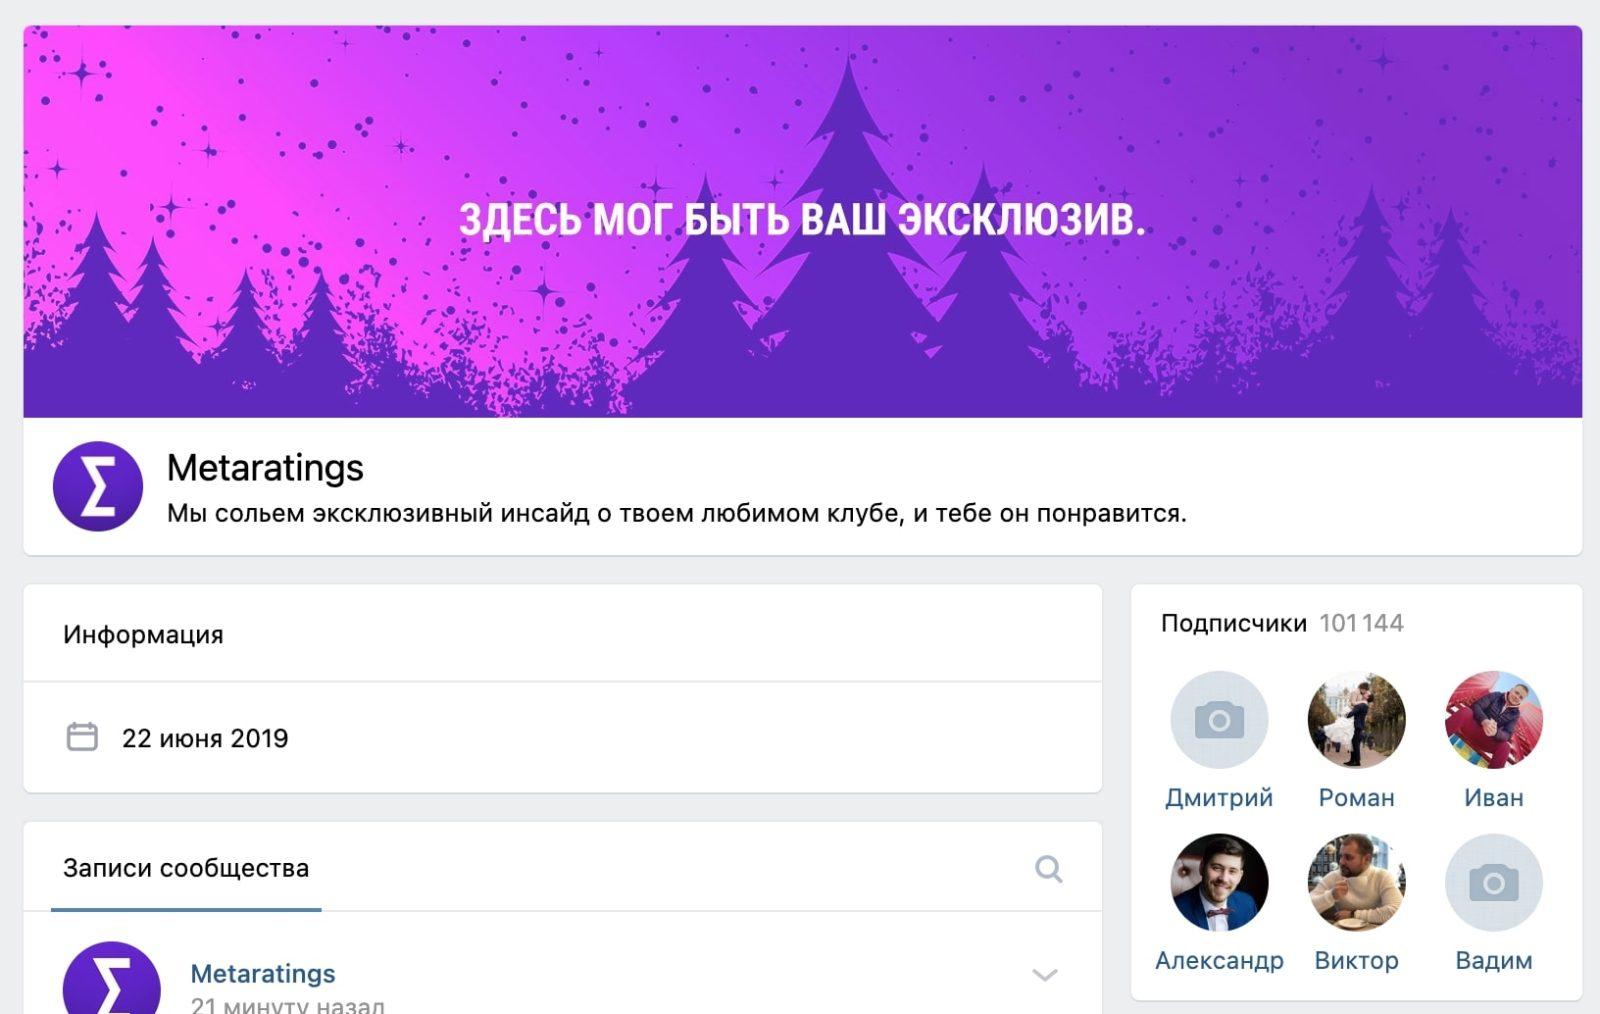 Группа ВК Metarating ru (Метаратингс ру)